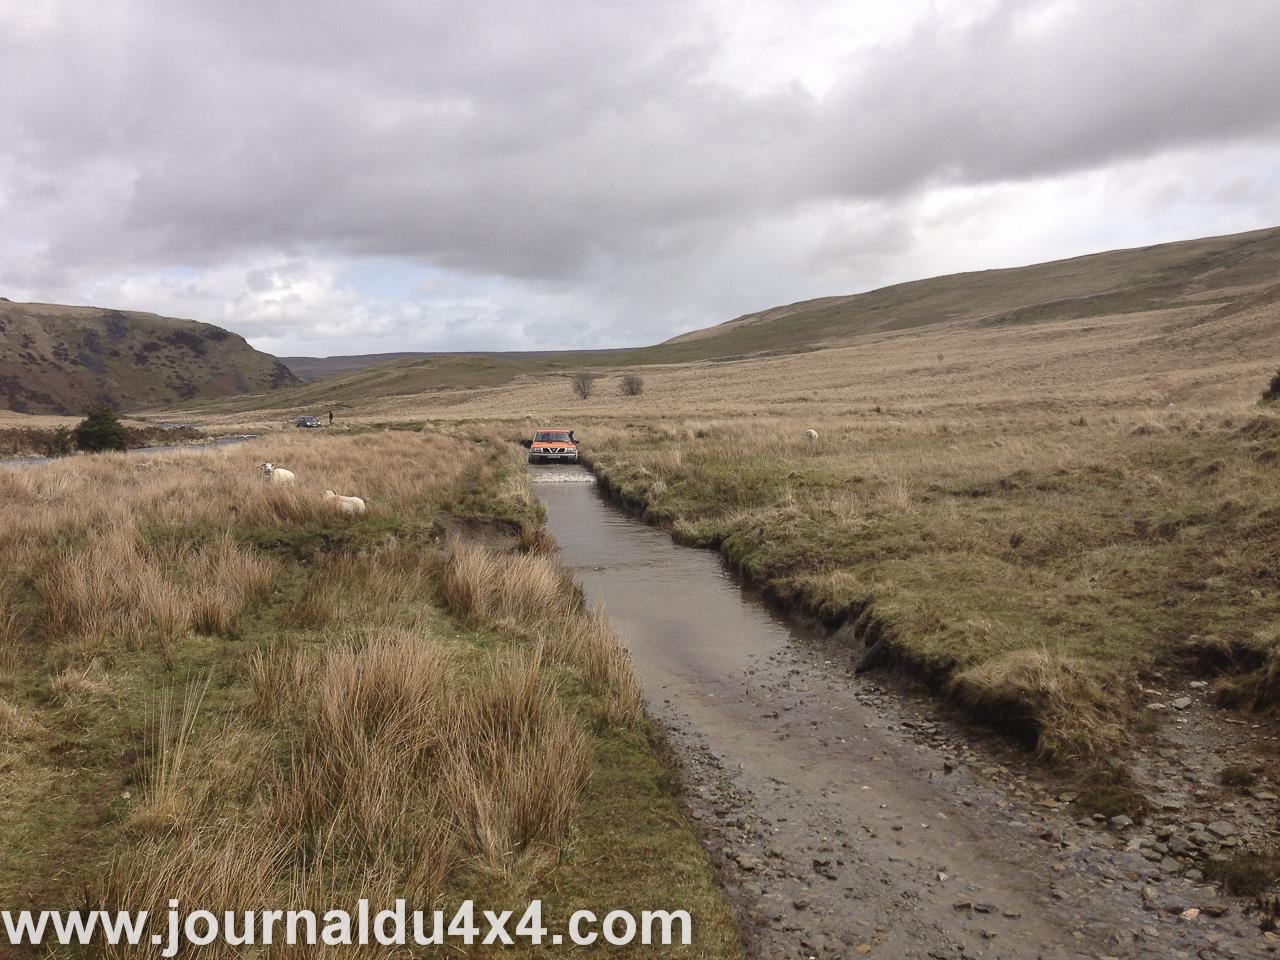 il y a beaucoup d'eau sur les pistes après l'hiver, cela permet d'avoir des passages très sympas